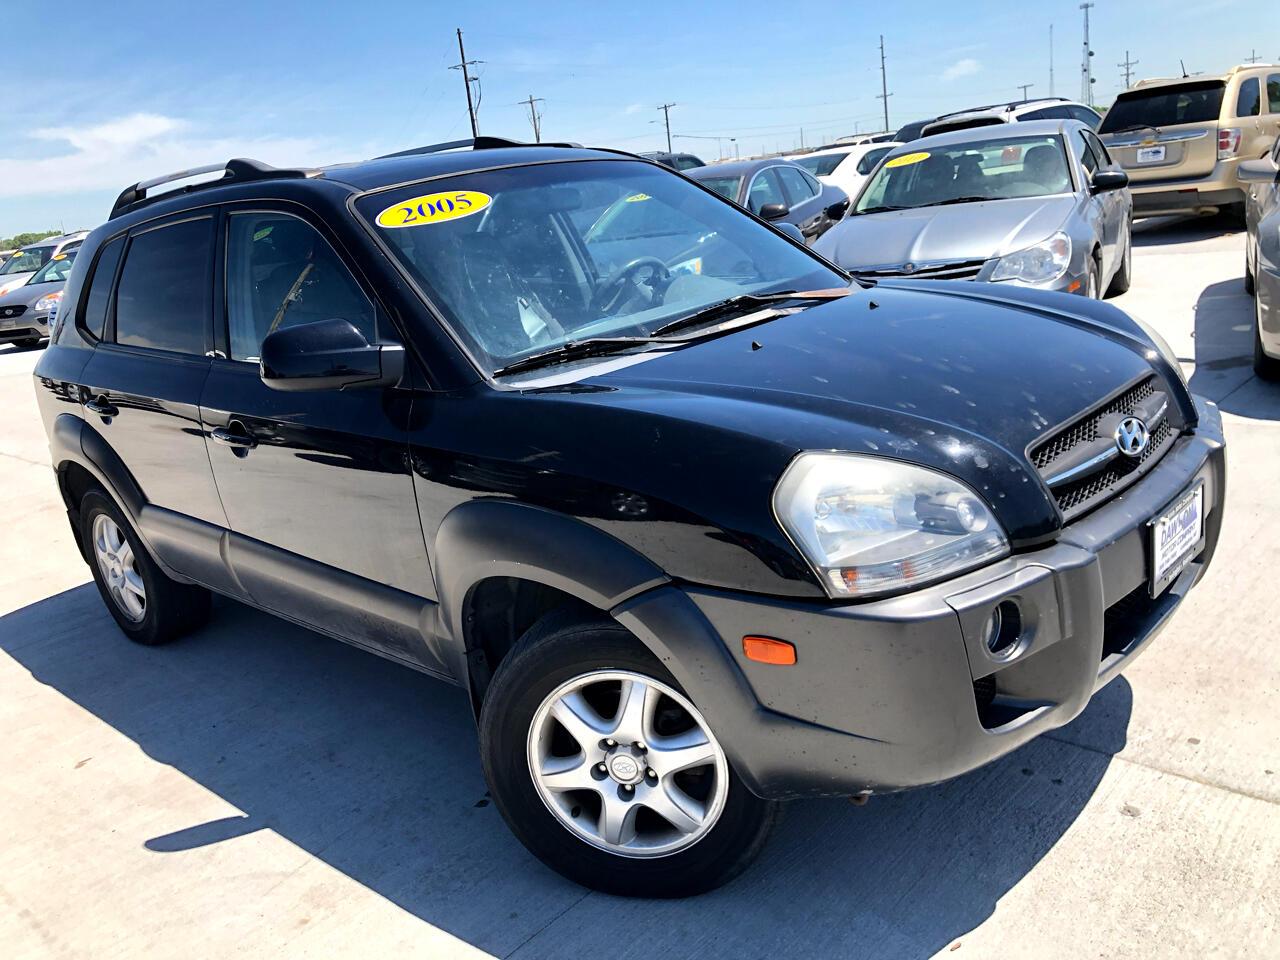 Hyundai Tucson GLS 2.7 4WD 2005